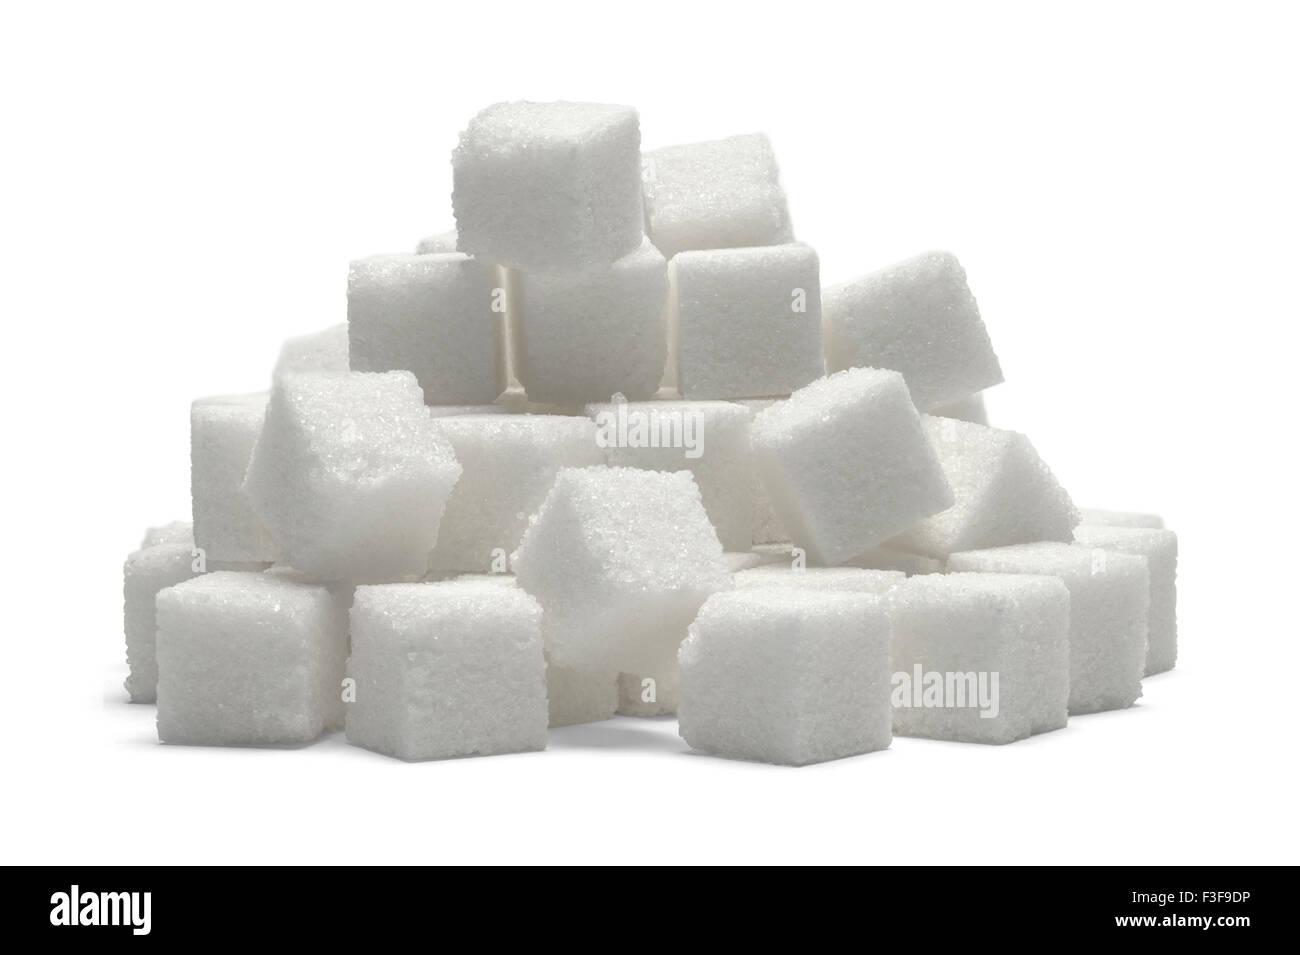 Cumulo di cubetti di zucchero isolato su sfondo bianco. Immagini Stock